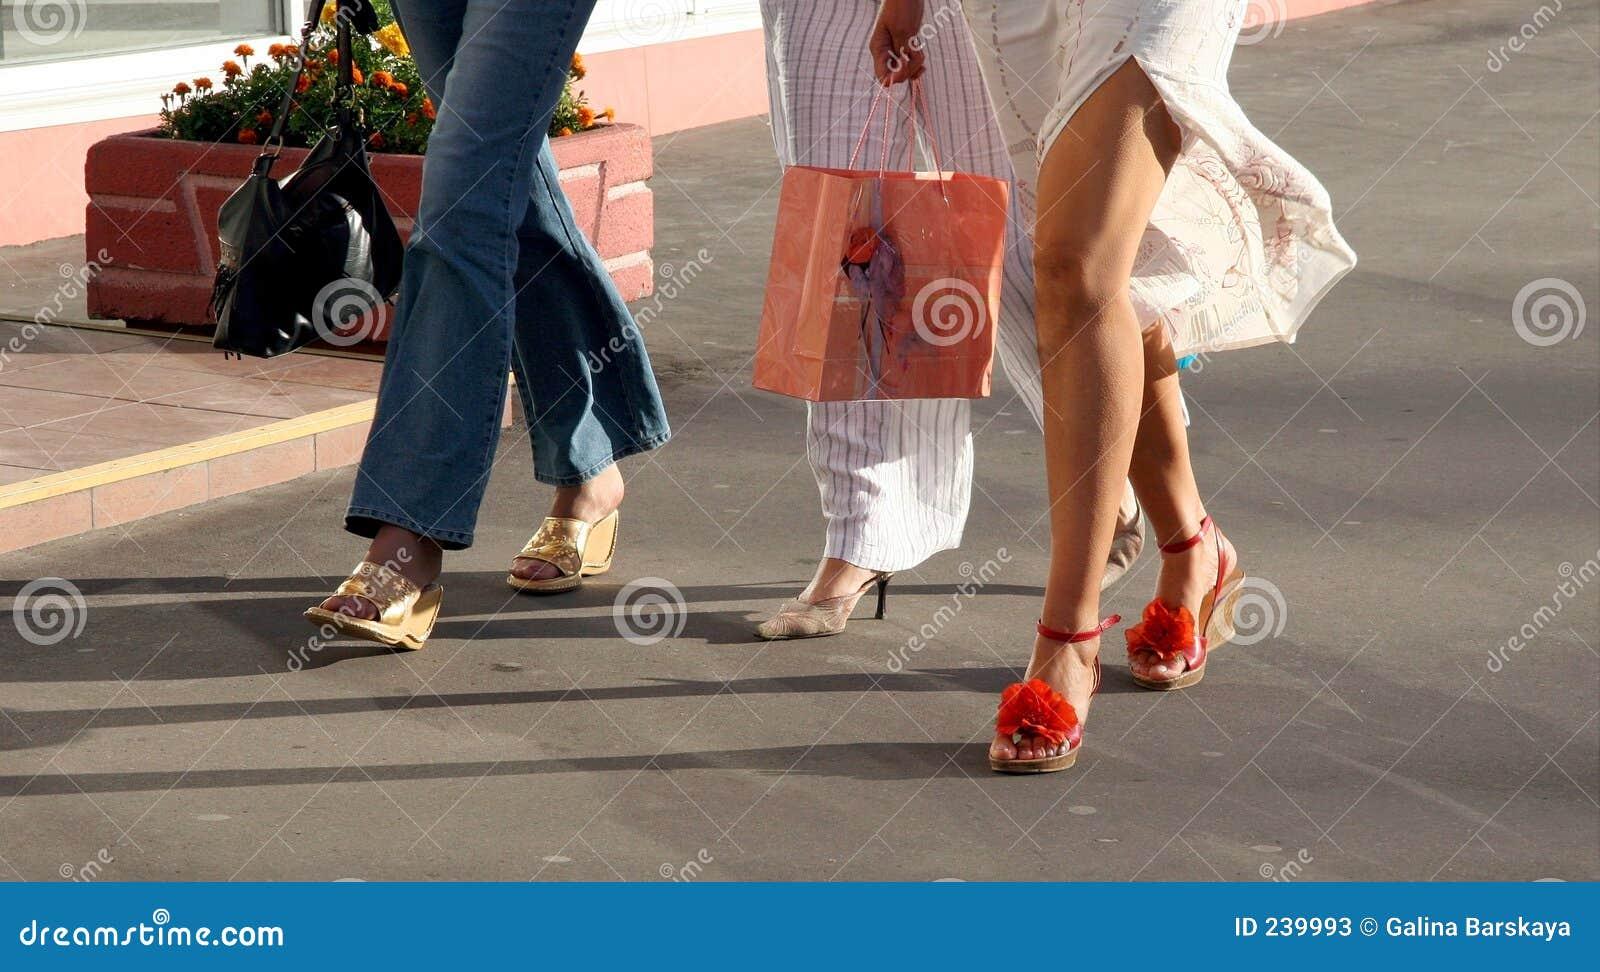 Het gaande winkelen van meisjes